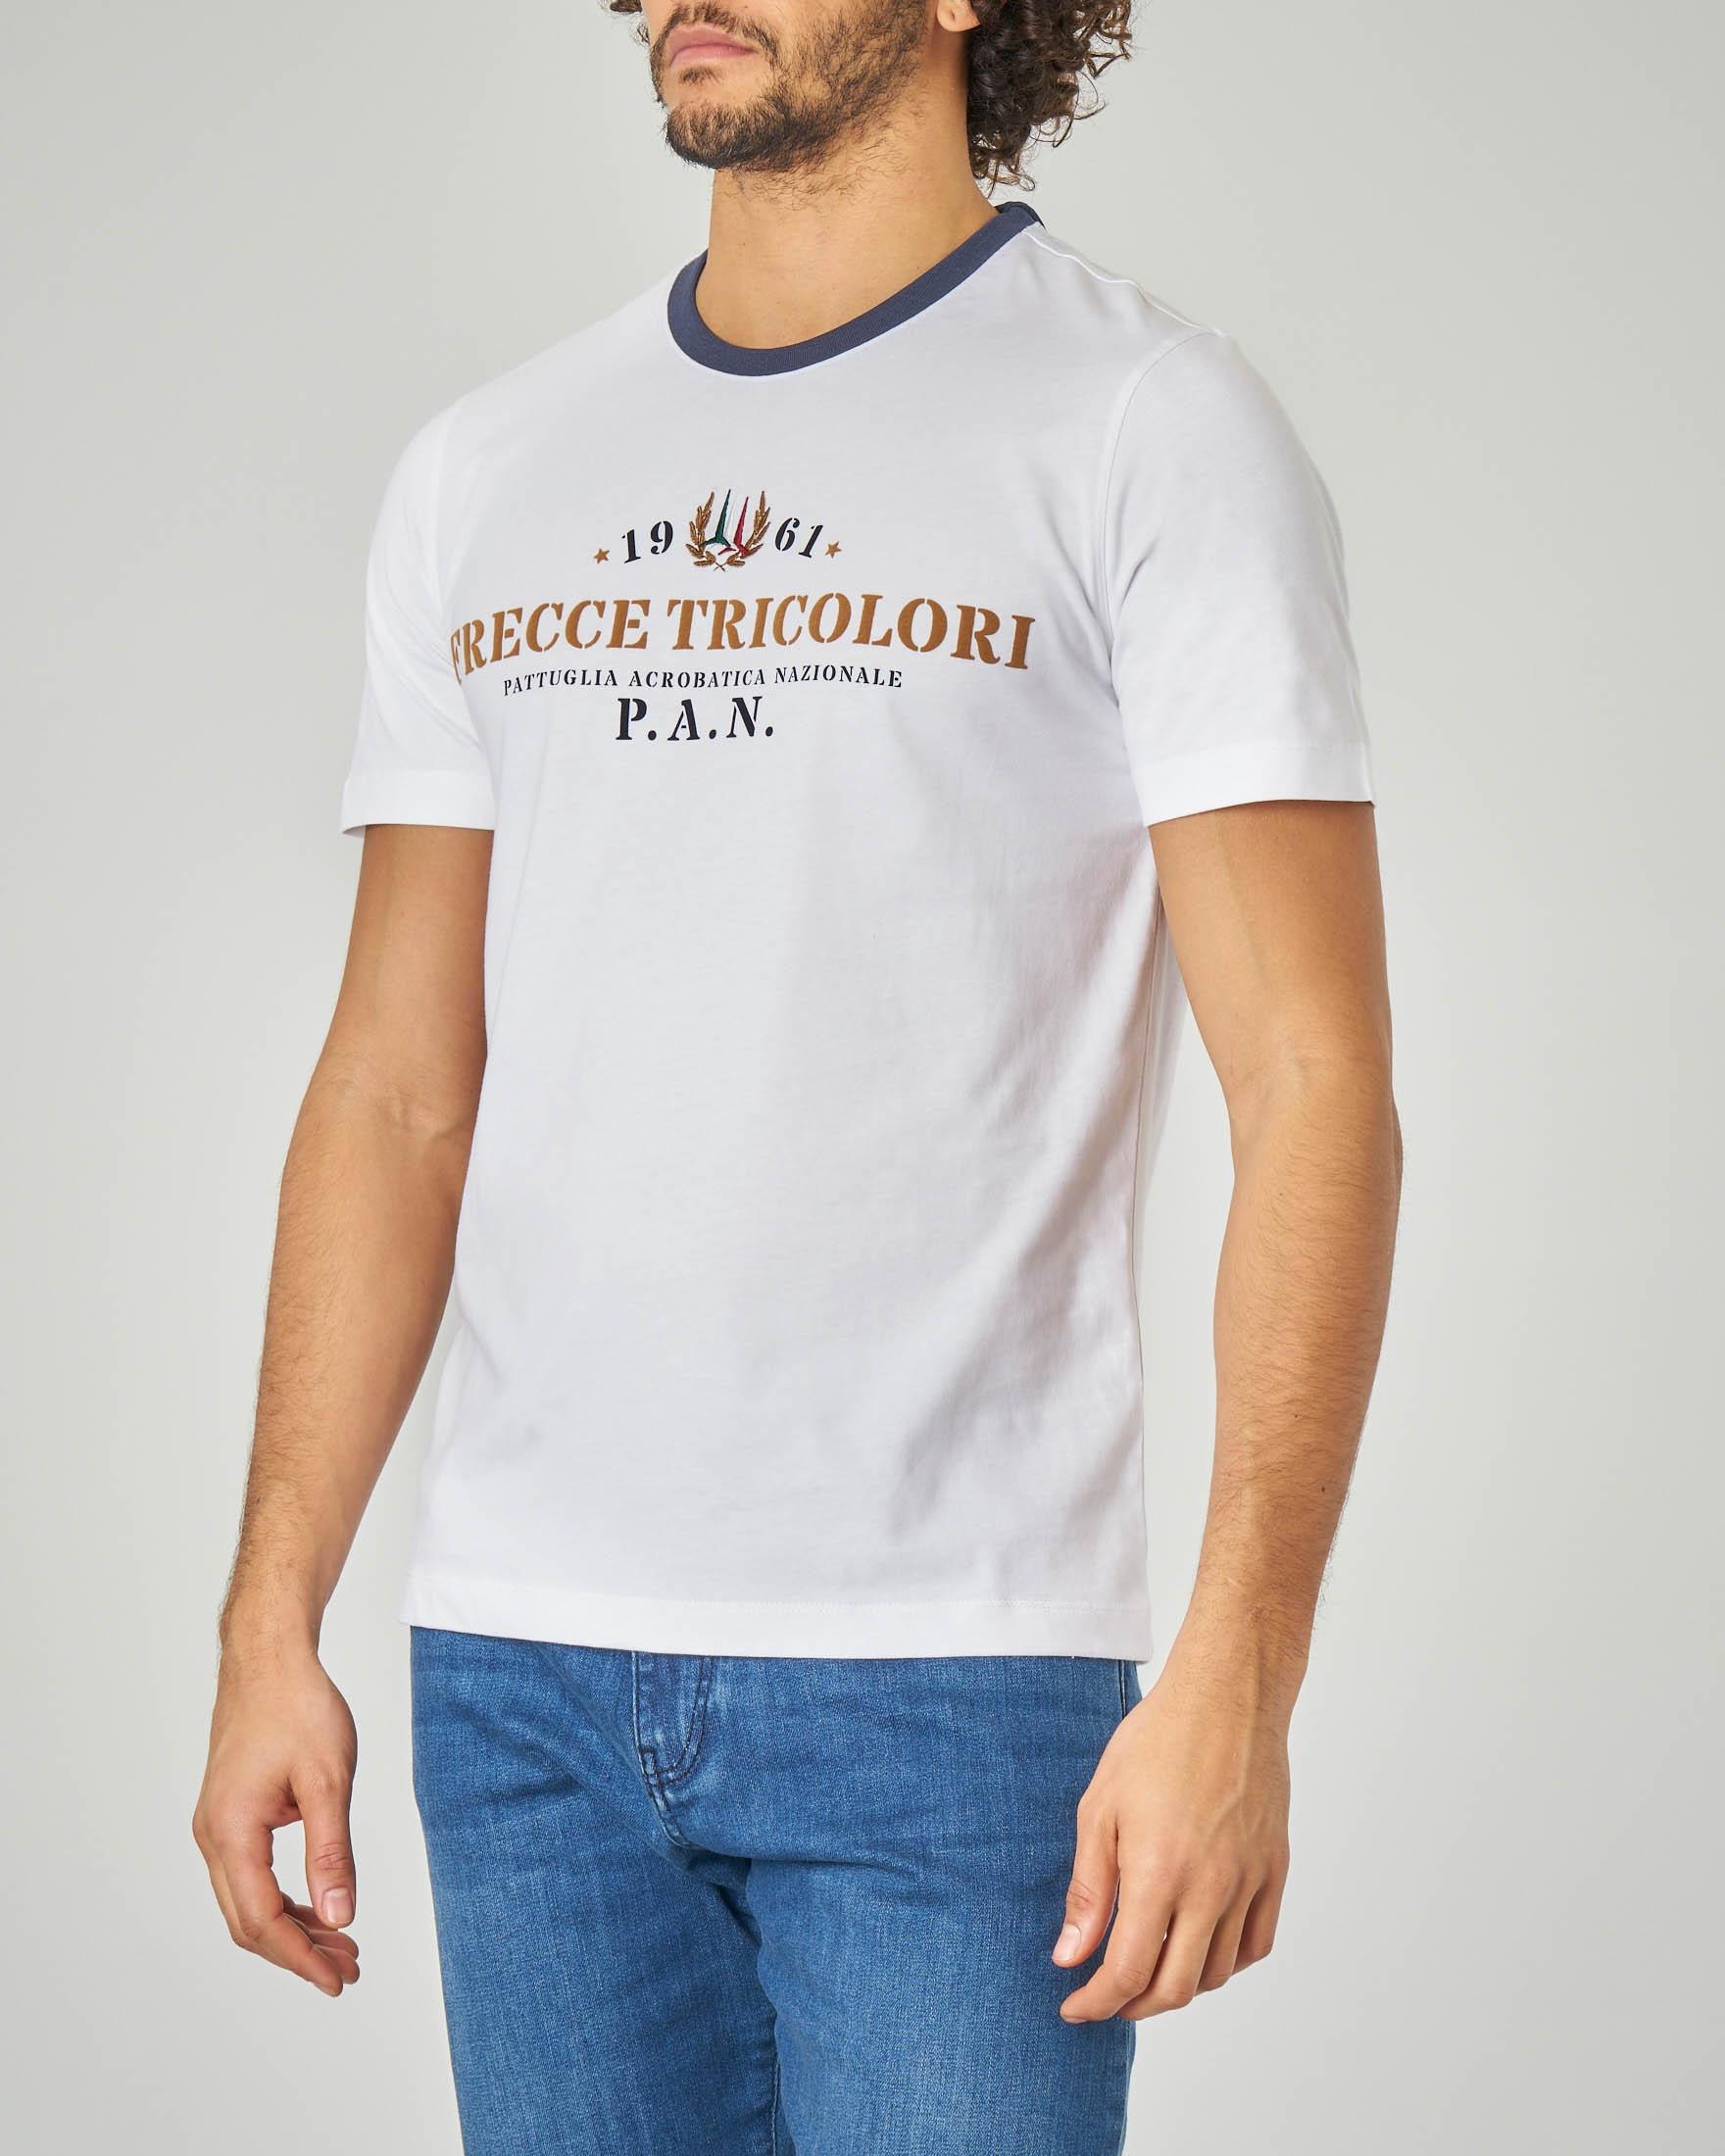 prezzo abbordabile alta moda bellezza In Shirt Contrasto Bianca Con Logo Frecce T Collo E ...